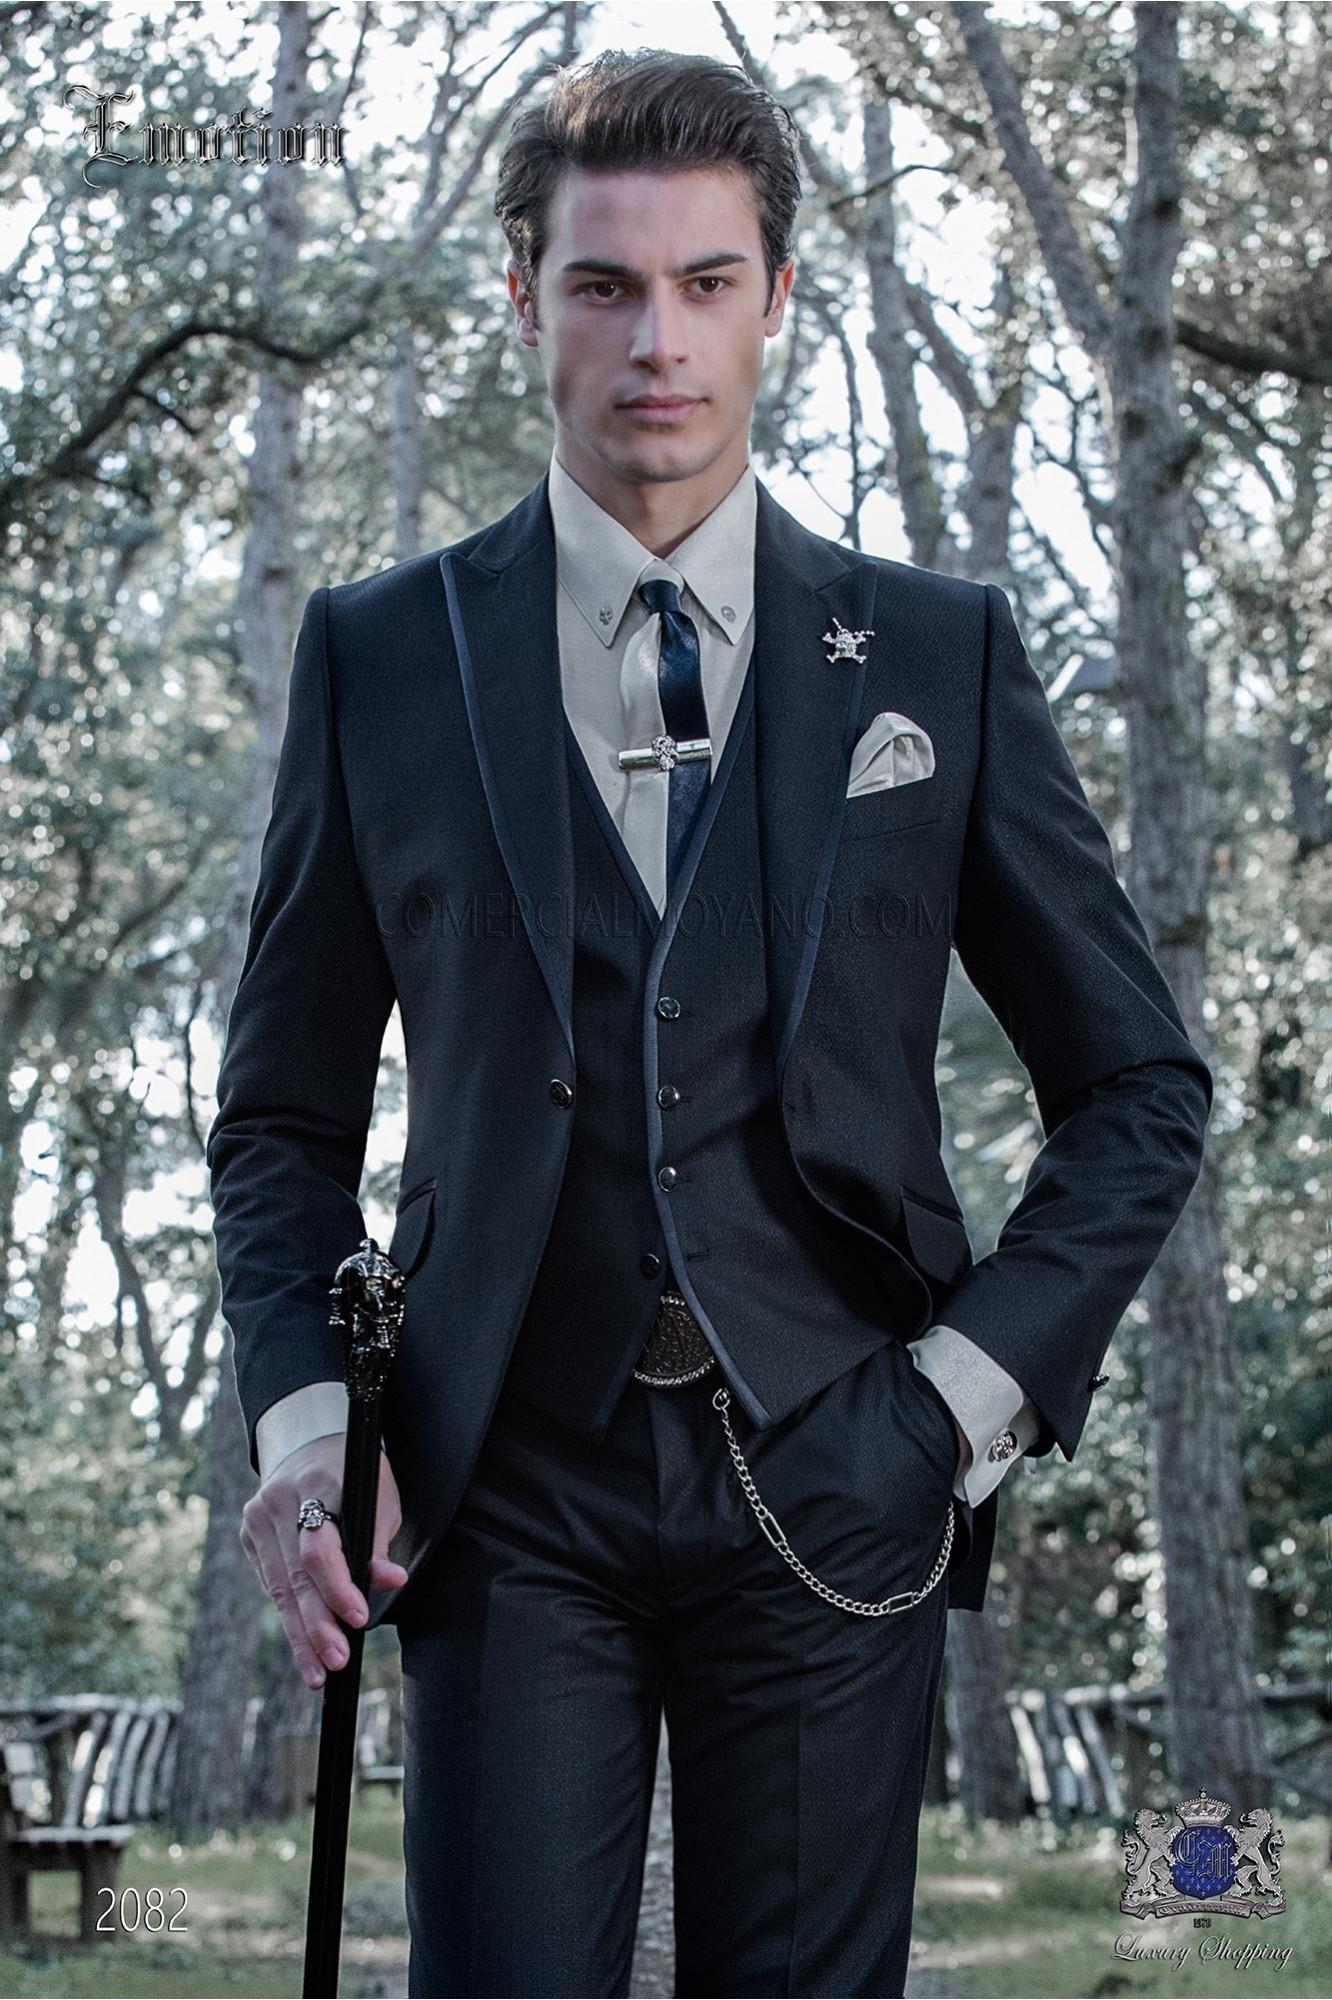 super popular bdd66 6dfac Italienische dunkelblau Mode Herren Anzug. Spitzen Revers mit Satin Blenden  und 1 Knopf.